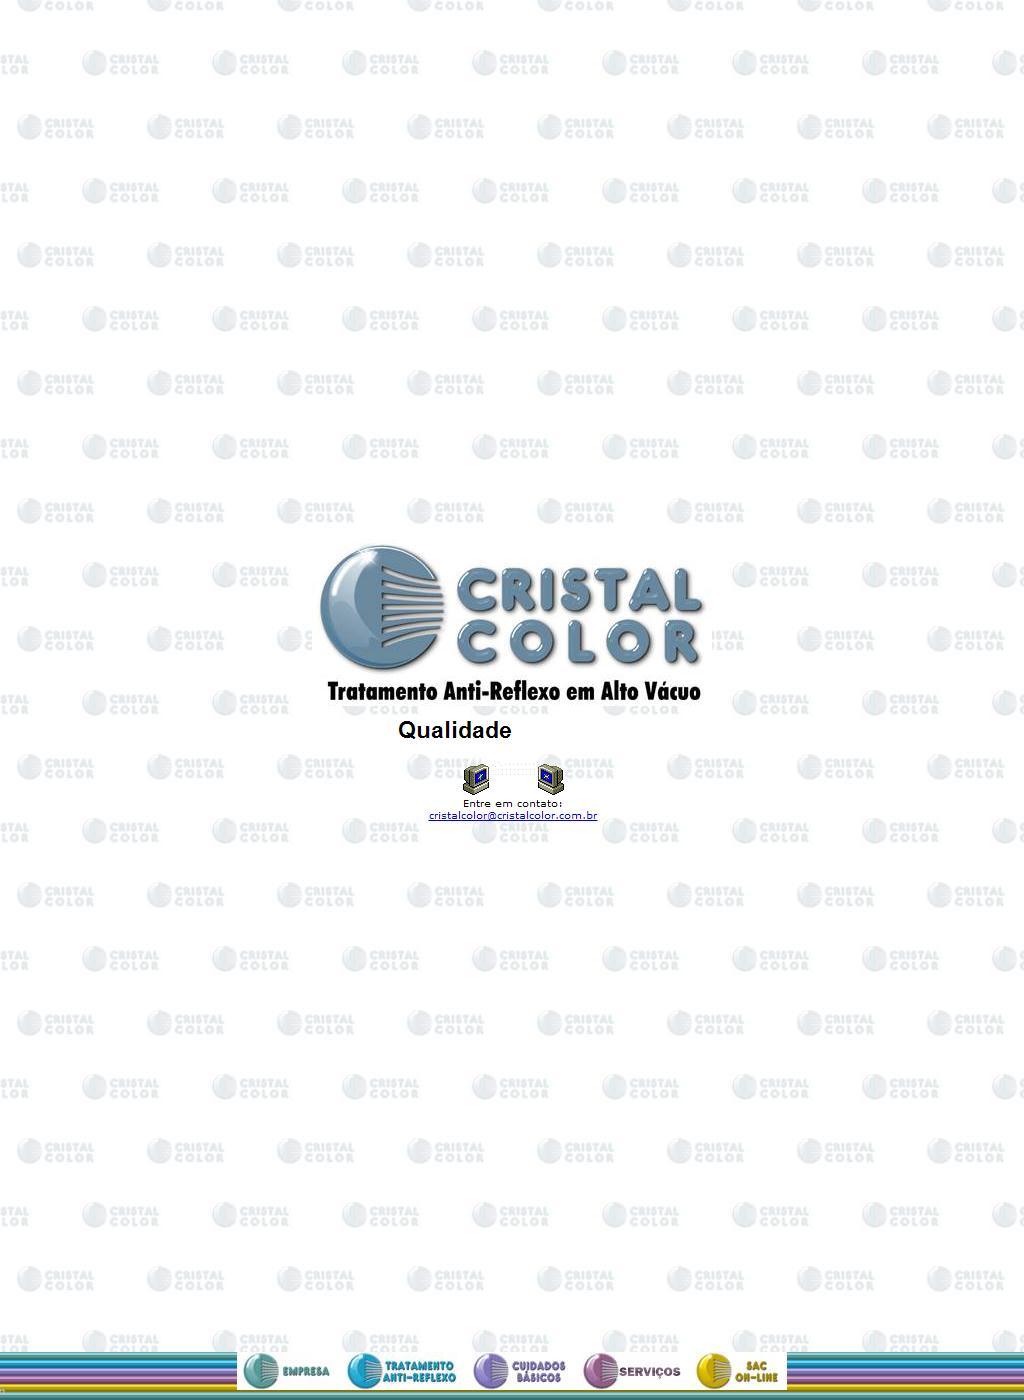 Cristal Color